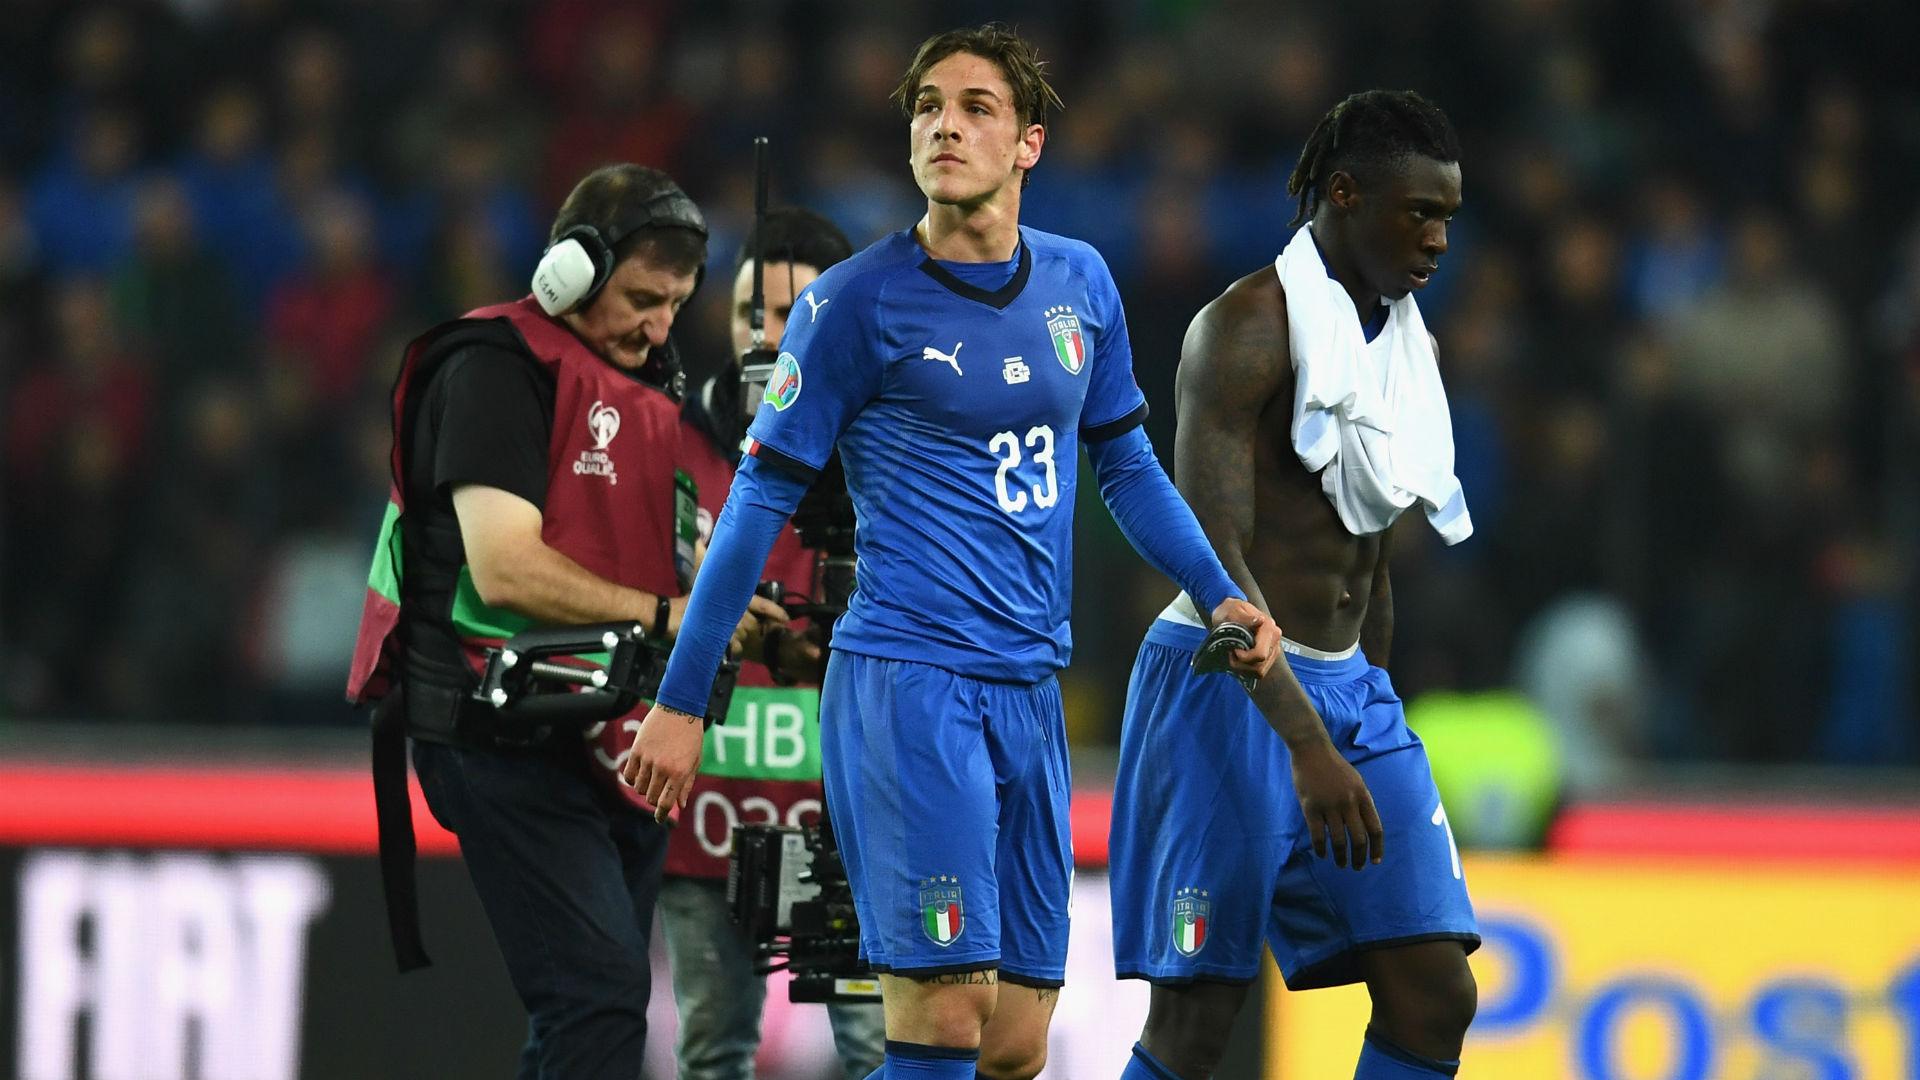 Qualificazioni Euro 2020, Italia-Armenia: ultime notizie sulle probabili formazioni